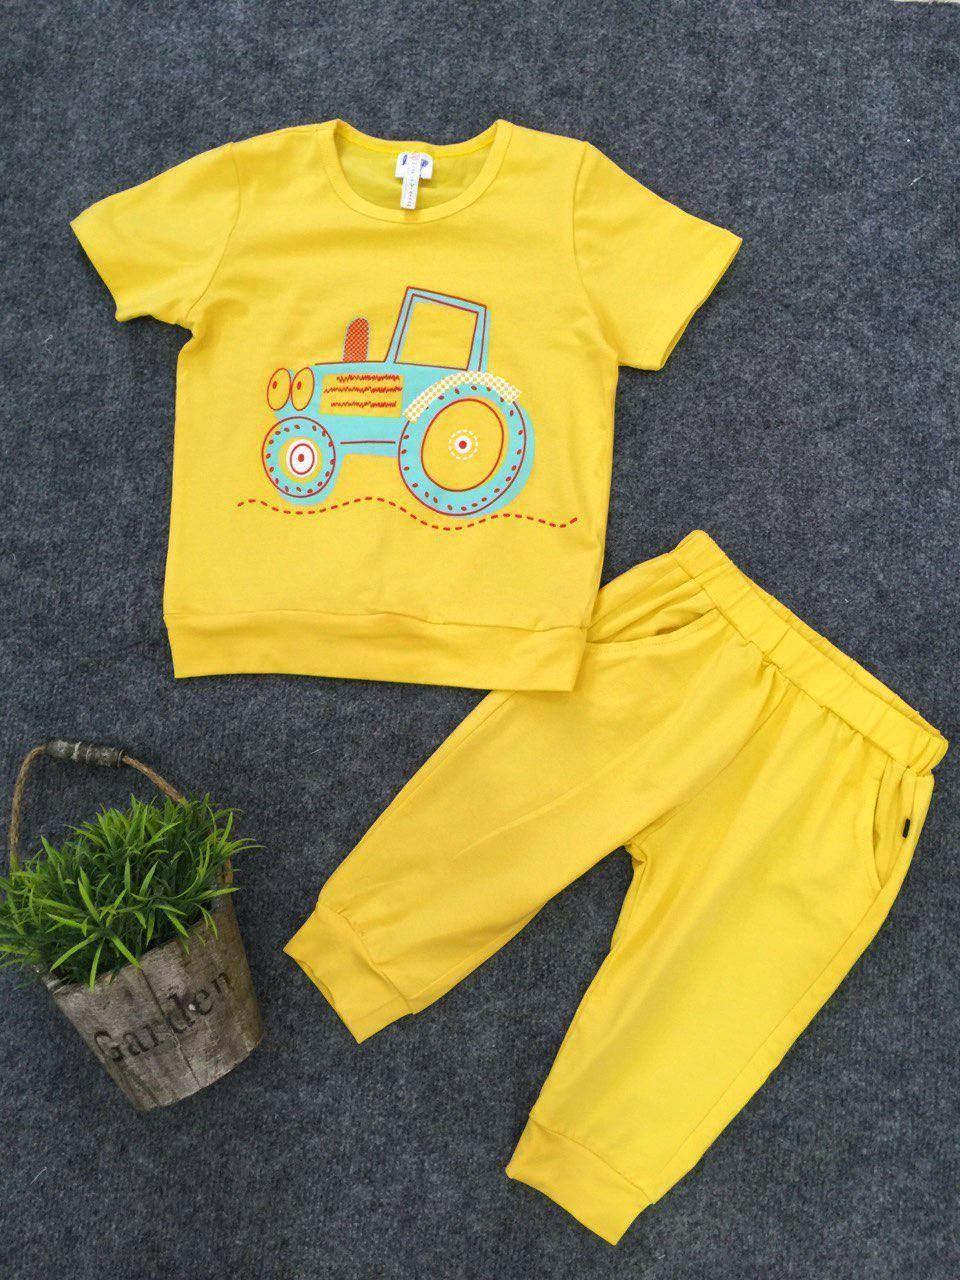 [Chia sẻ]-Chuyên bán buôn quần áo trẻ em rẻ, đẹp - LH: 0932358189 - Hương 11033756_1429077597390904_2070567470_o